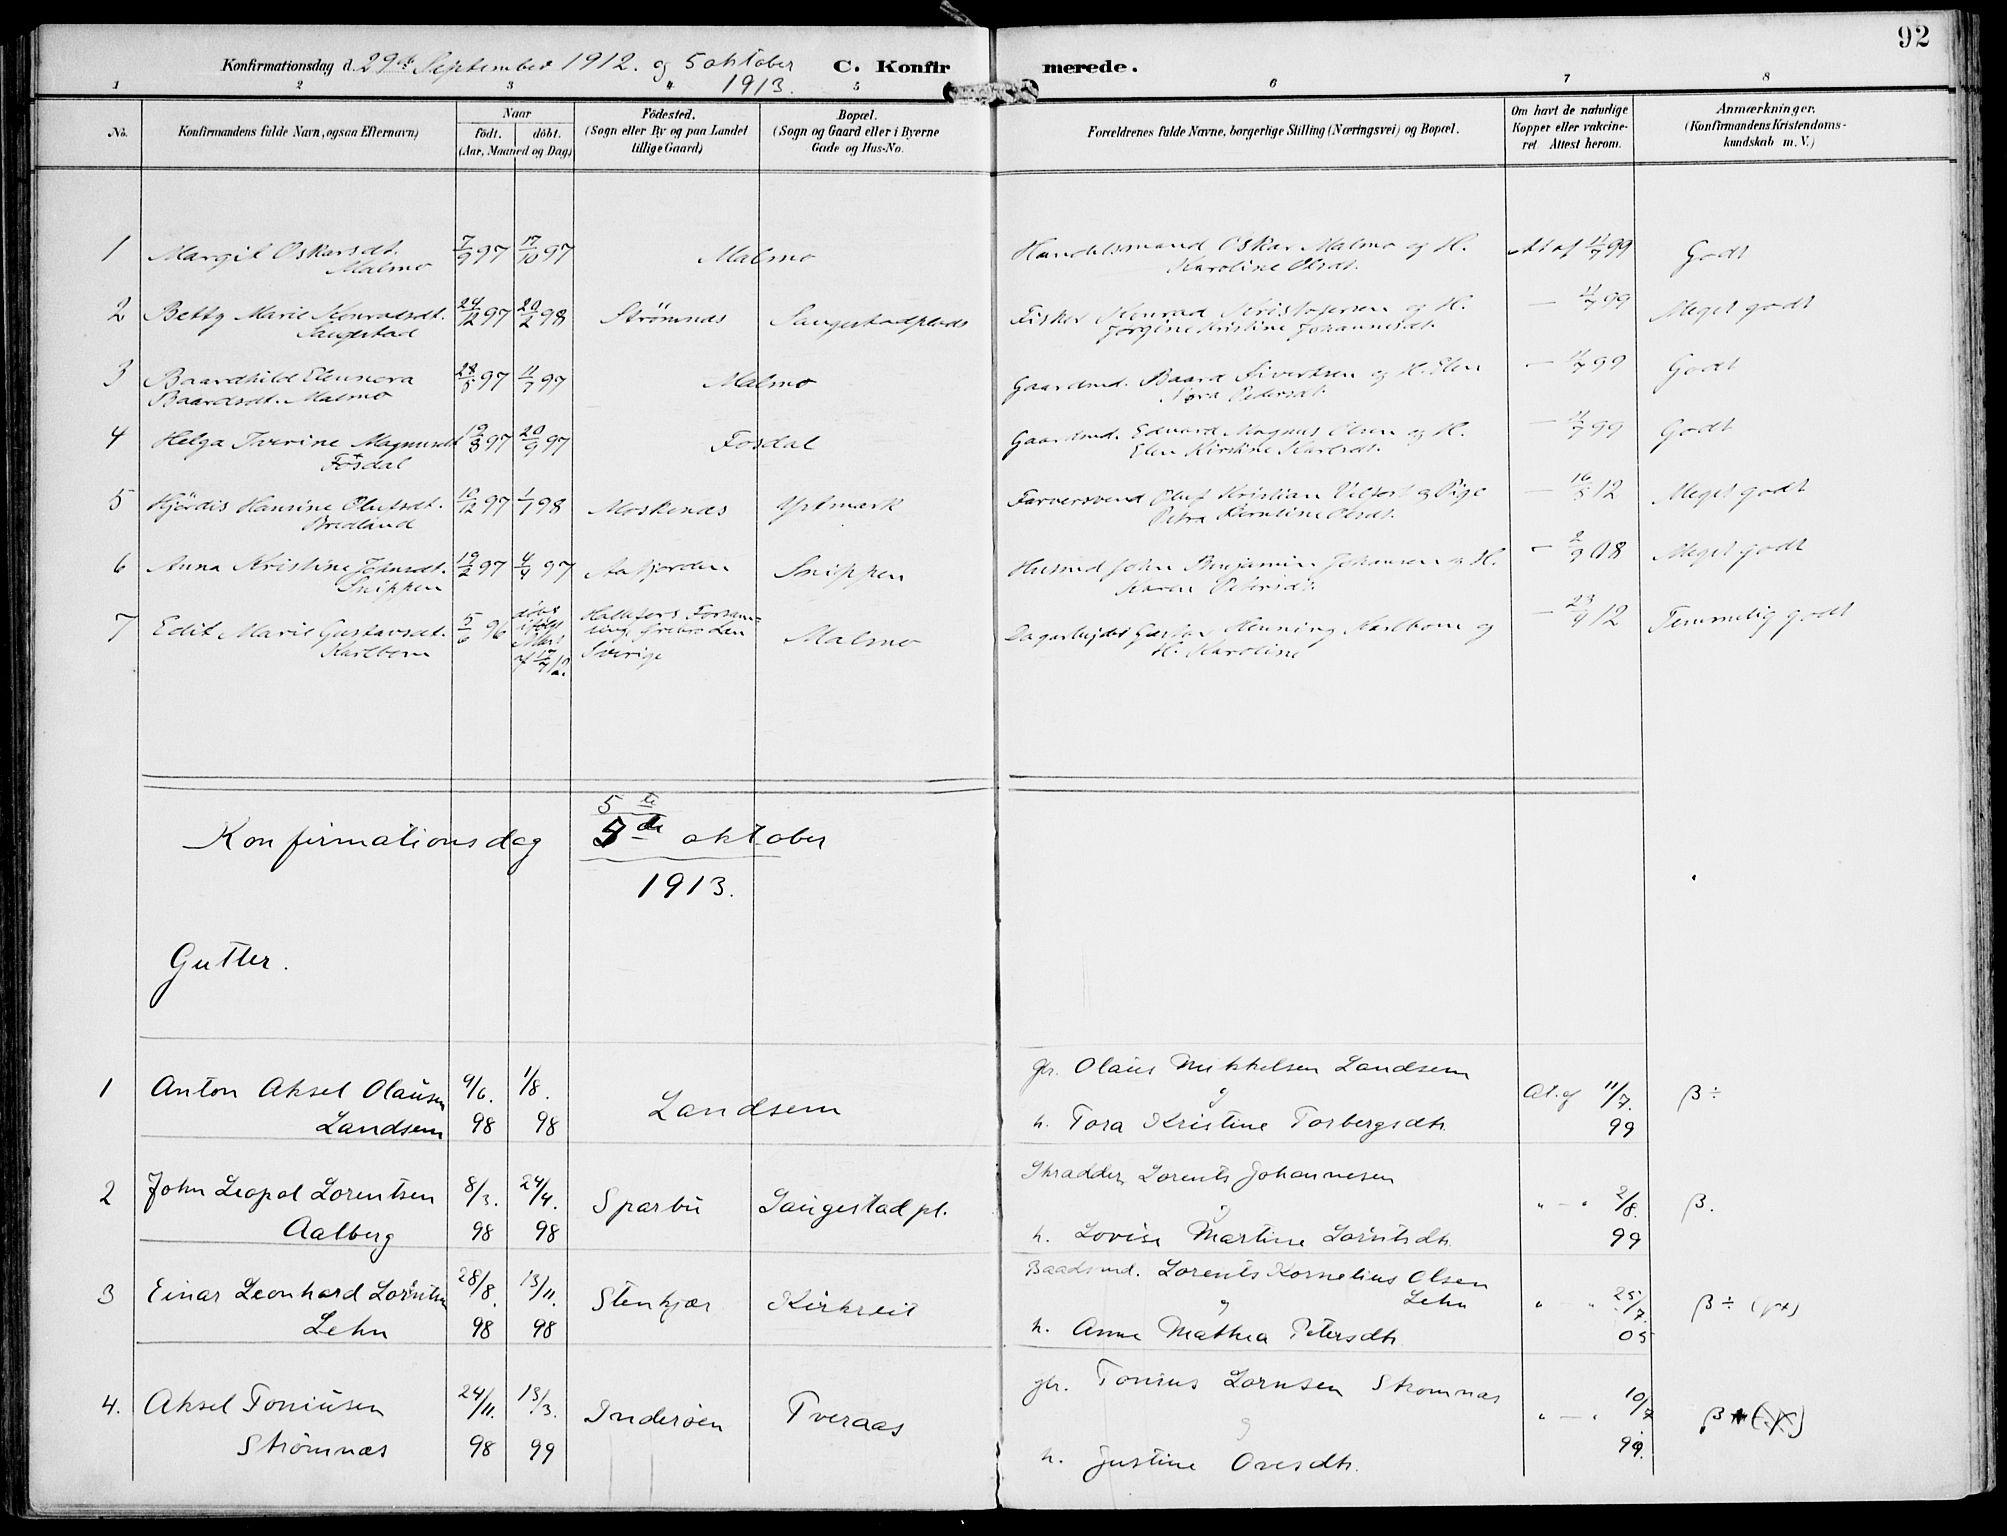 SAT, Ministerialprotokoller, klokkerbøker og fødselsregistre - Nord-Trøndelag, 745/L0430: Ministerialbok nr. 745A02, 1895-1913, s. 92